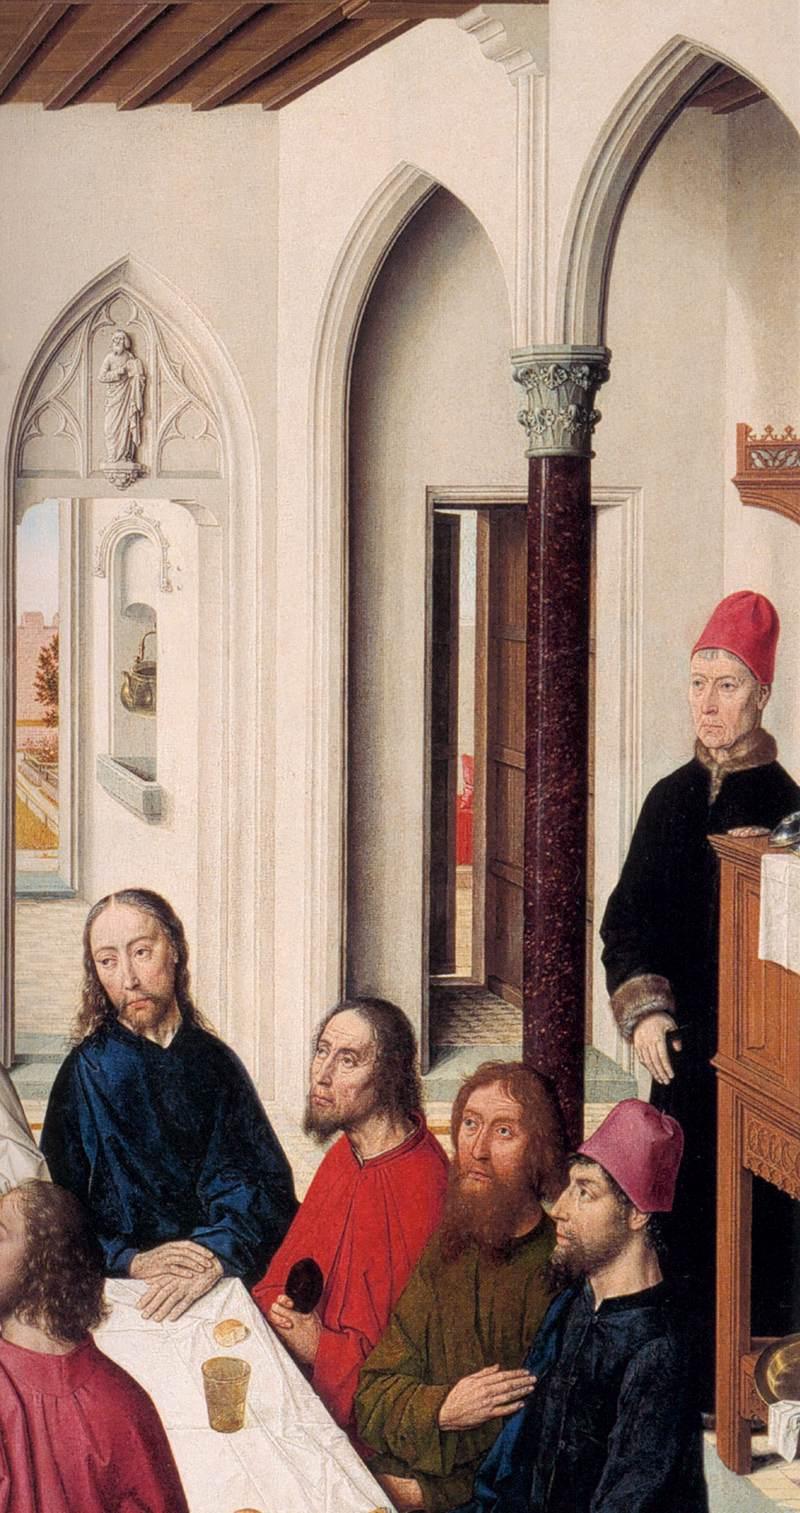 Altarpiece of the Holy Sacrament (1464-67)